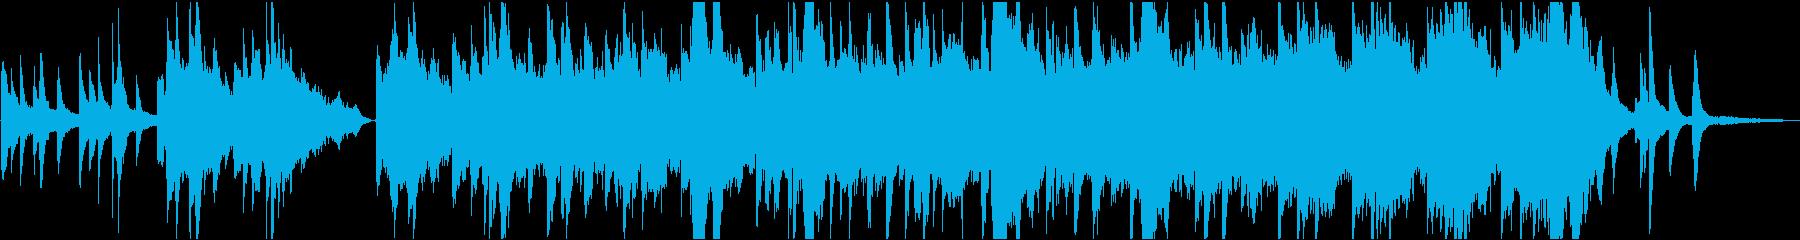 企業VP7 16bit44kHzVerの再生済みの波形